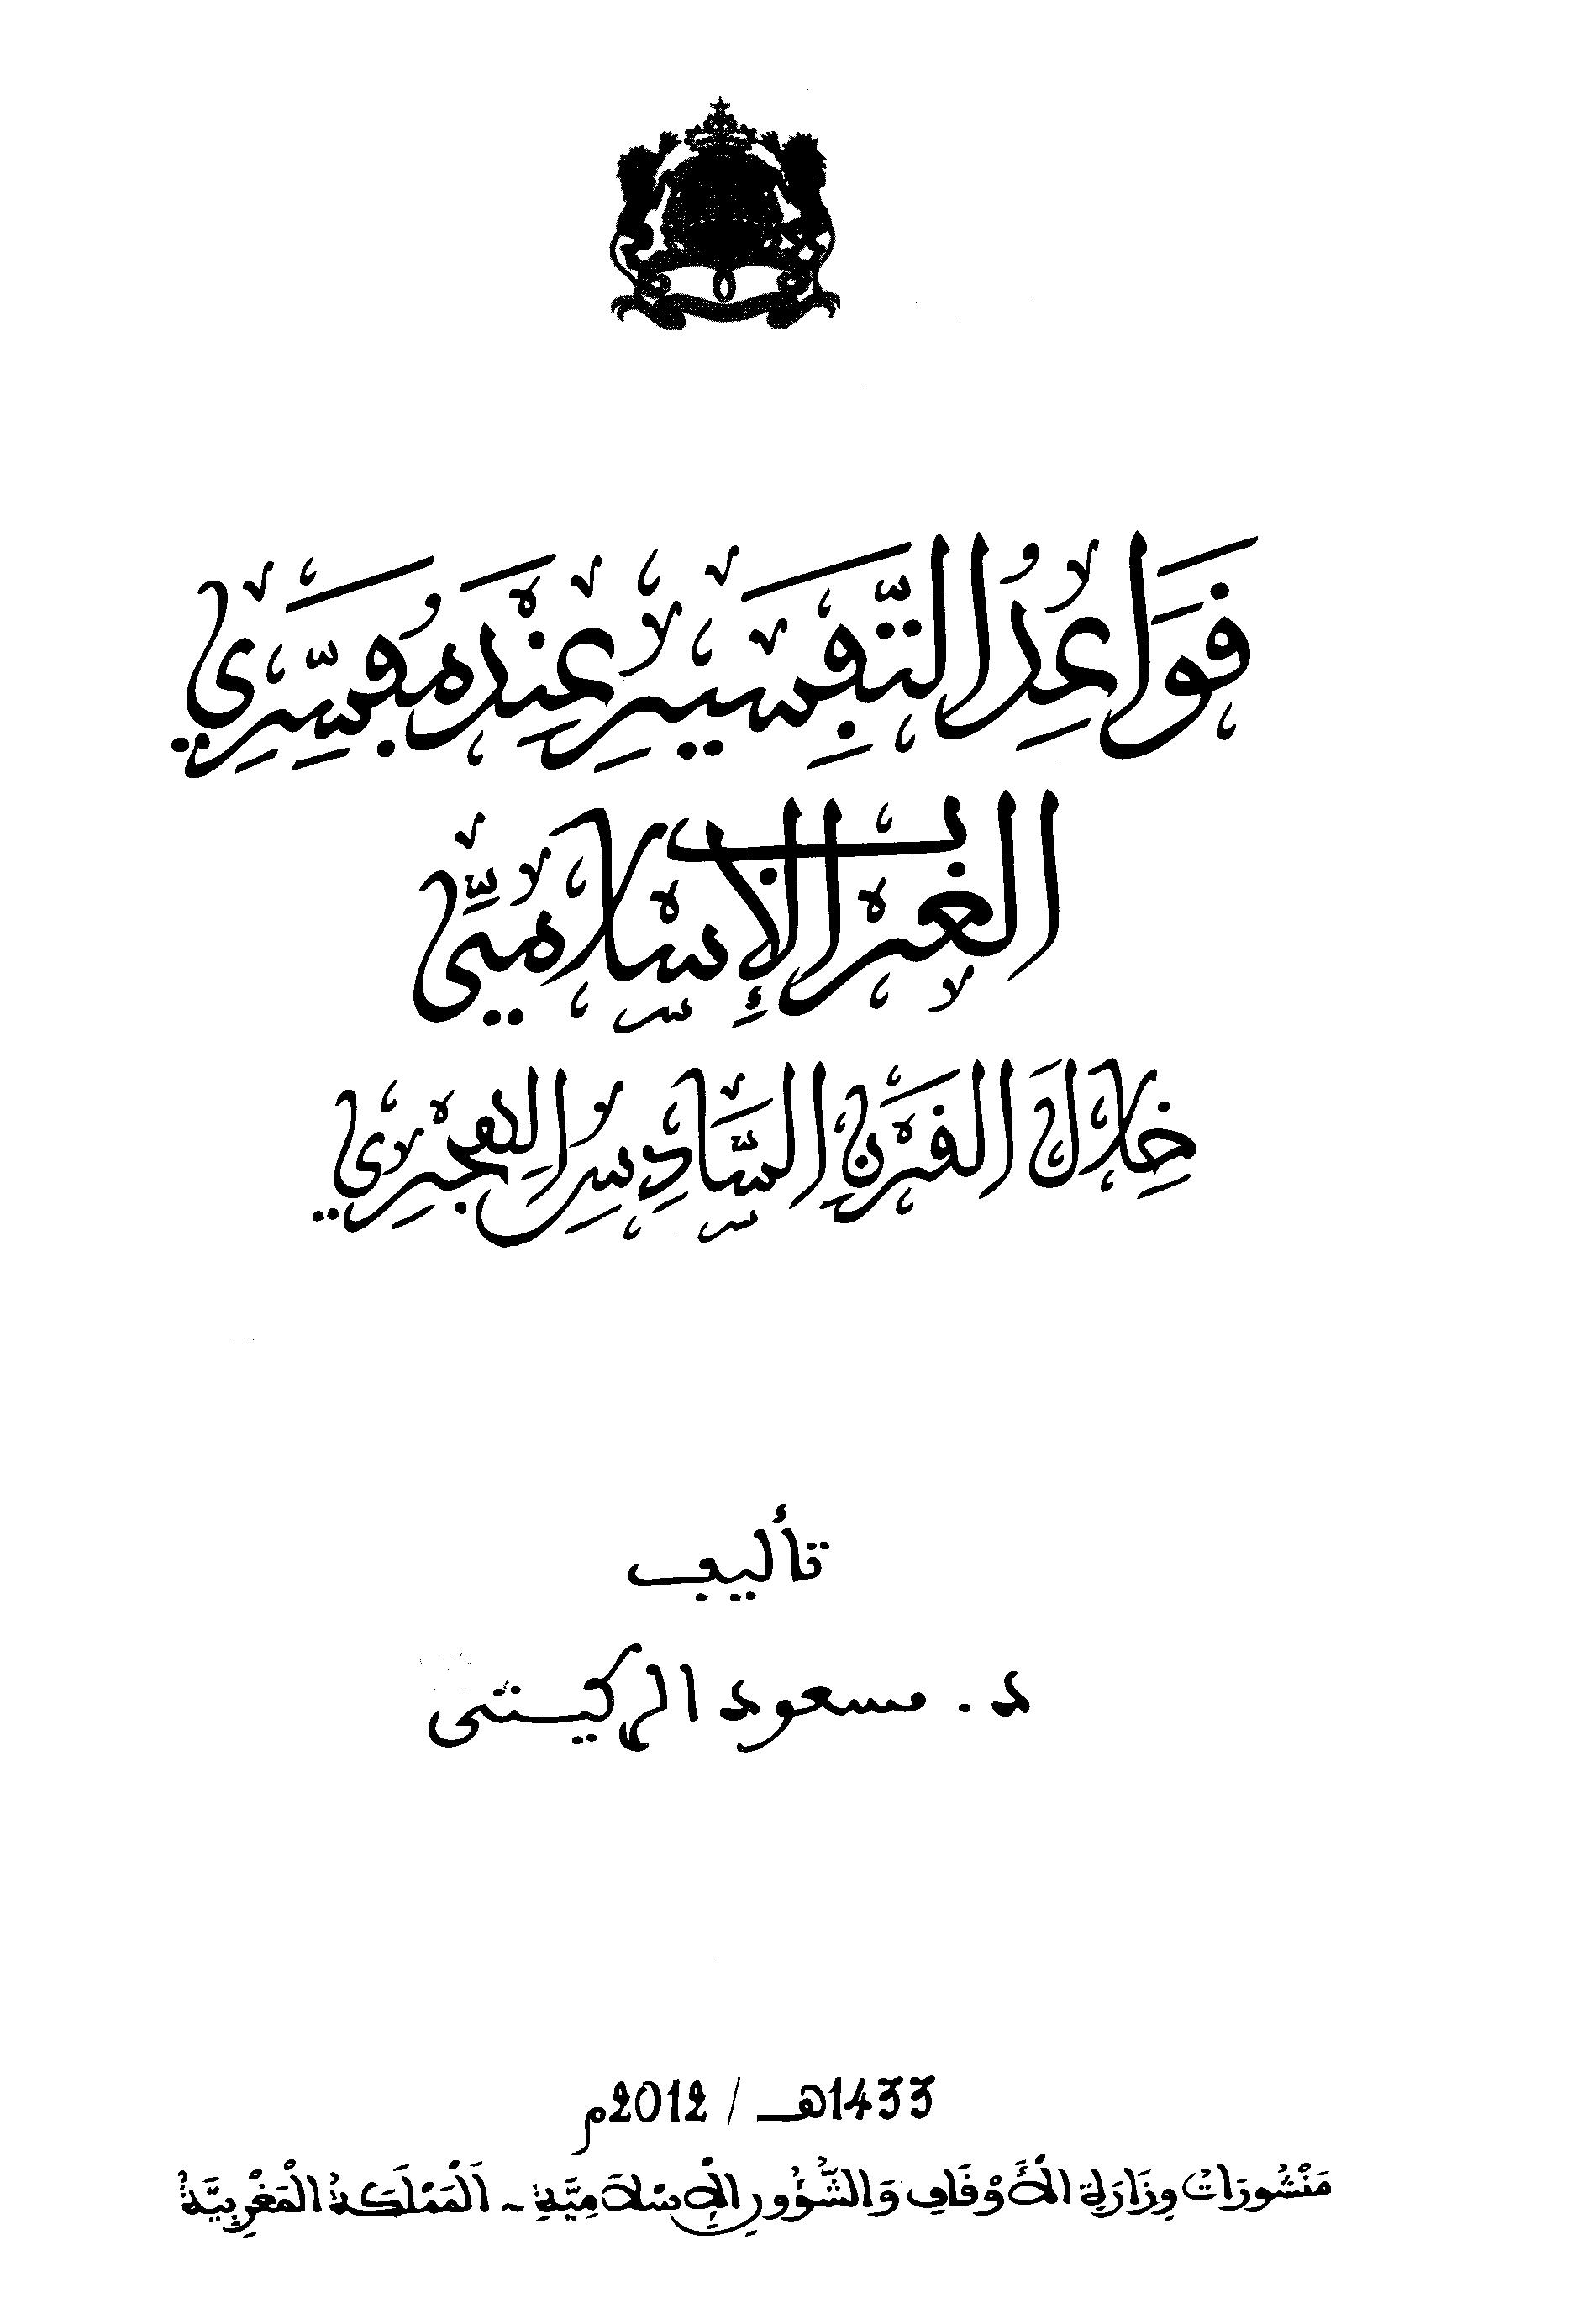 قواعد التفسير عند مفسري الغرب الإسلامي خلال القرن السادس الهجري - مسعود الركيتي